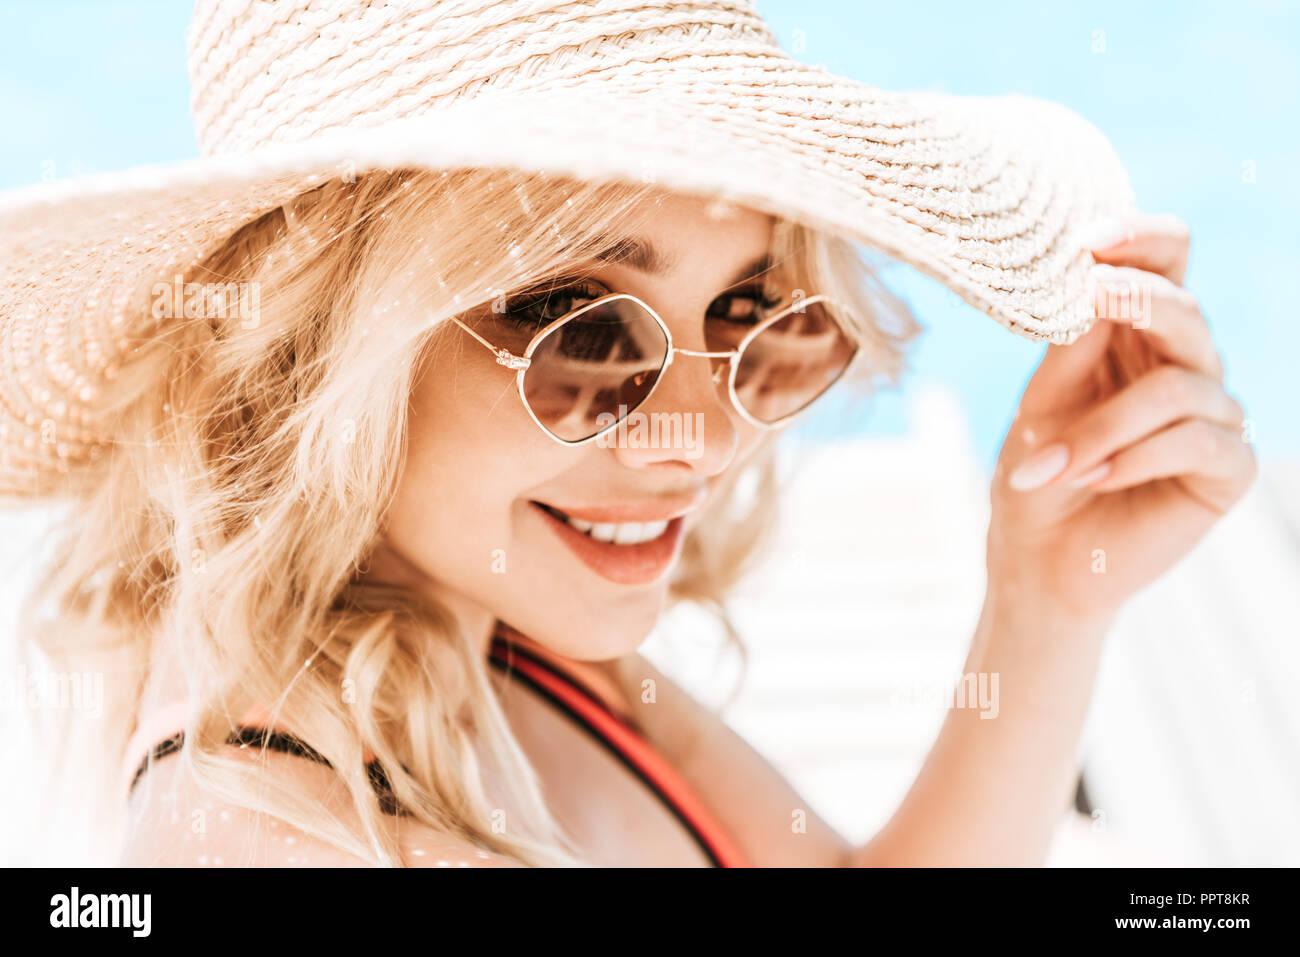 Ritratto di giovane e bella donna bionda in vimini cappello e occhiali da sole sorridente in telecamera vicino alla piscina Immagini Stock